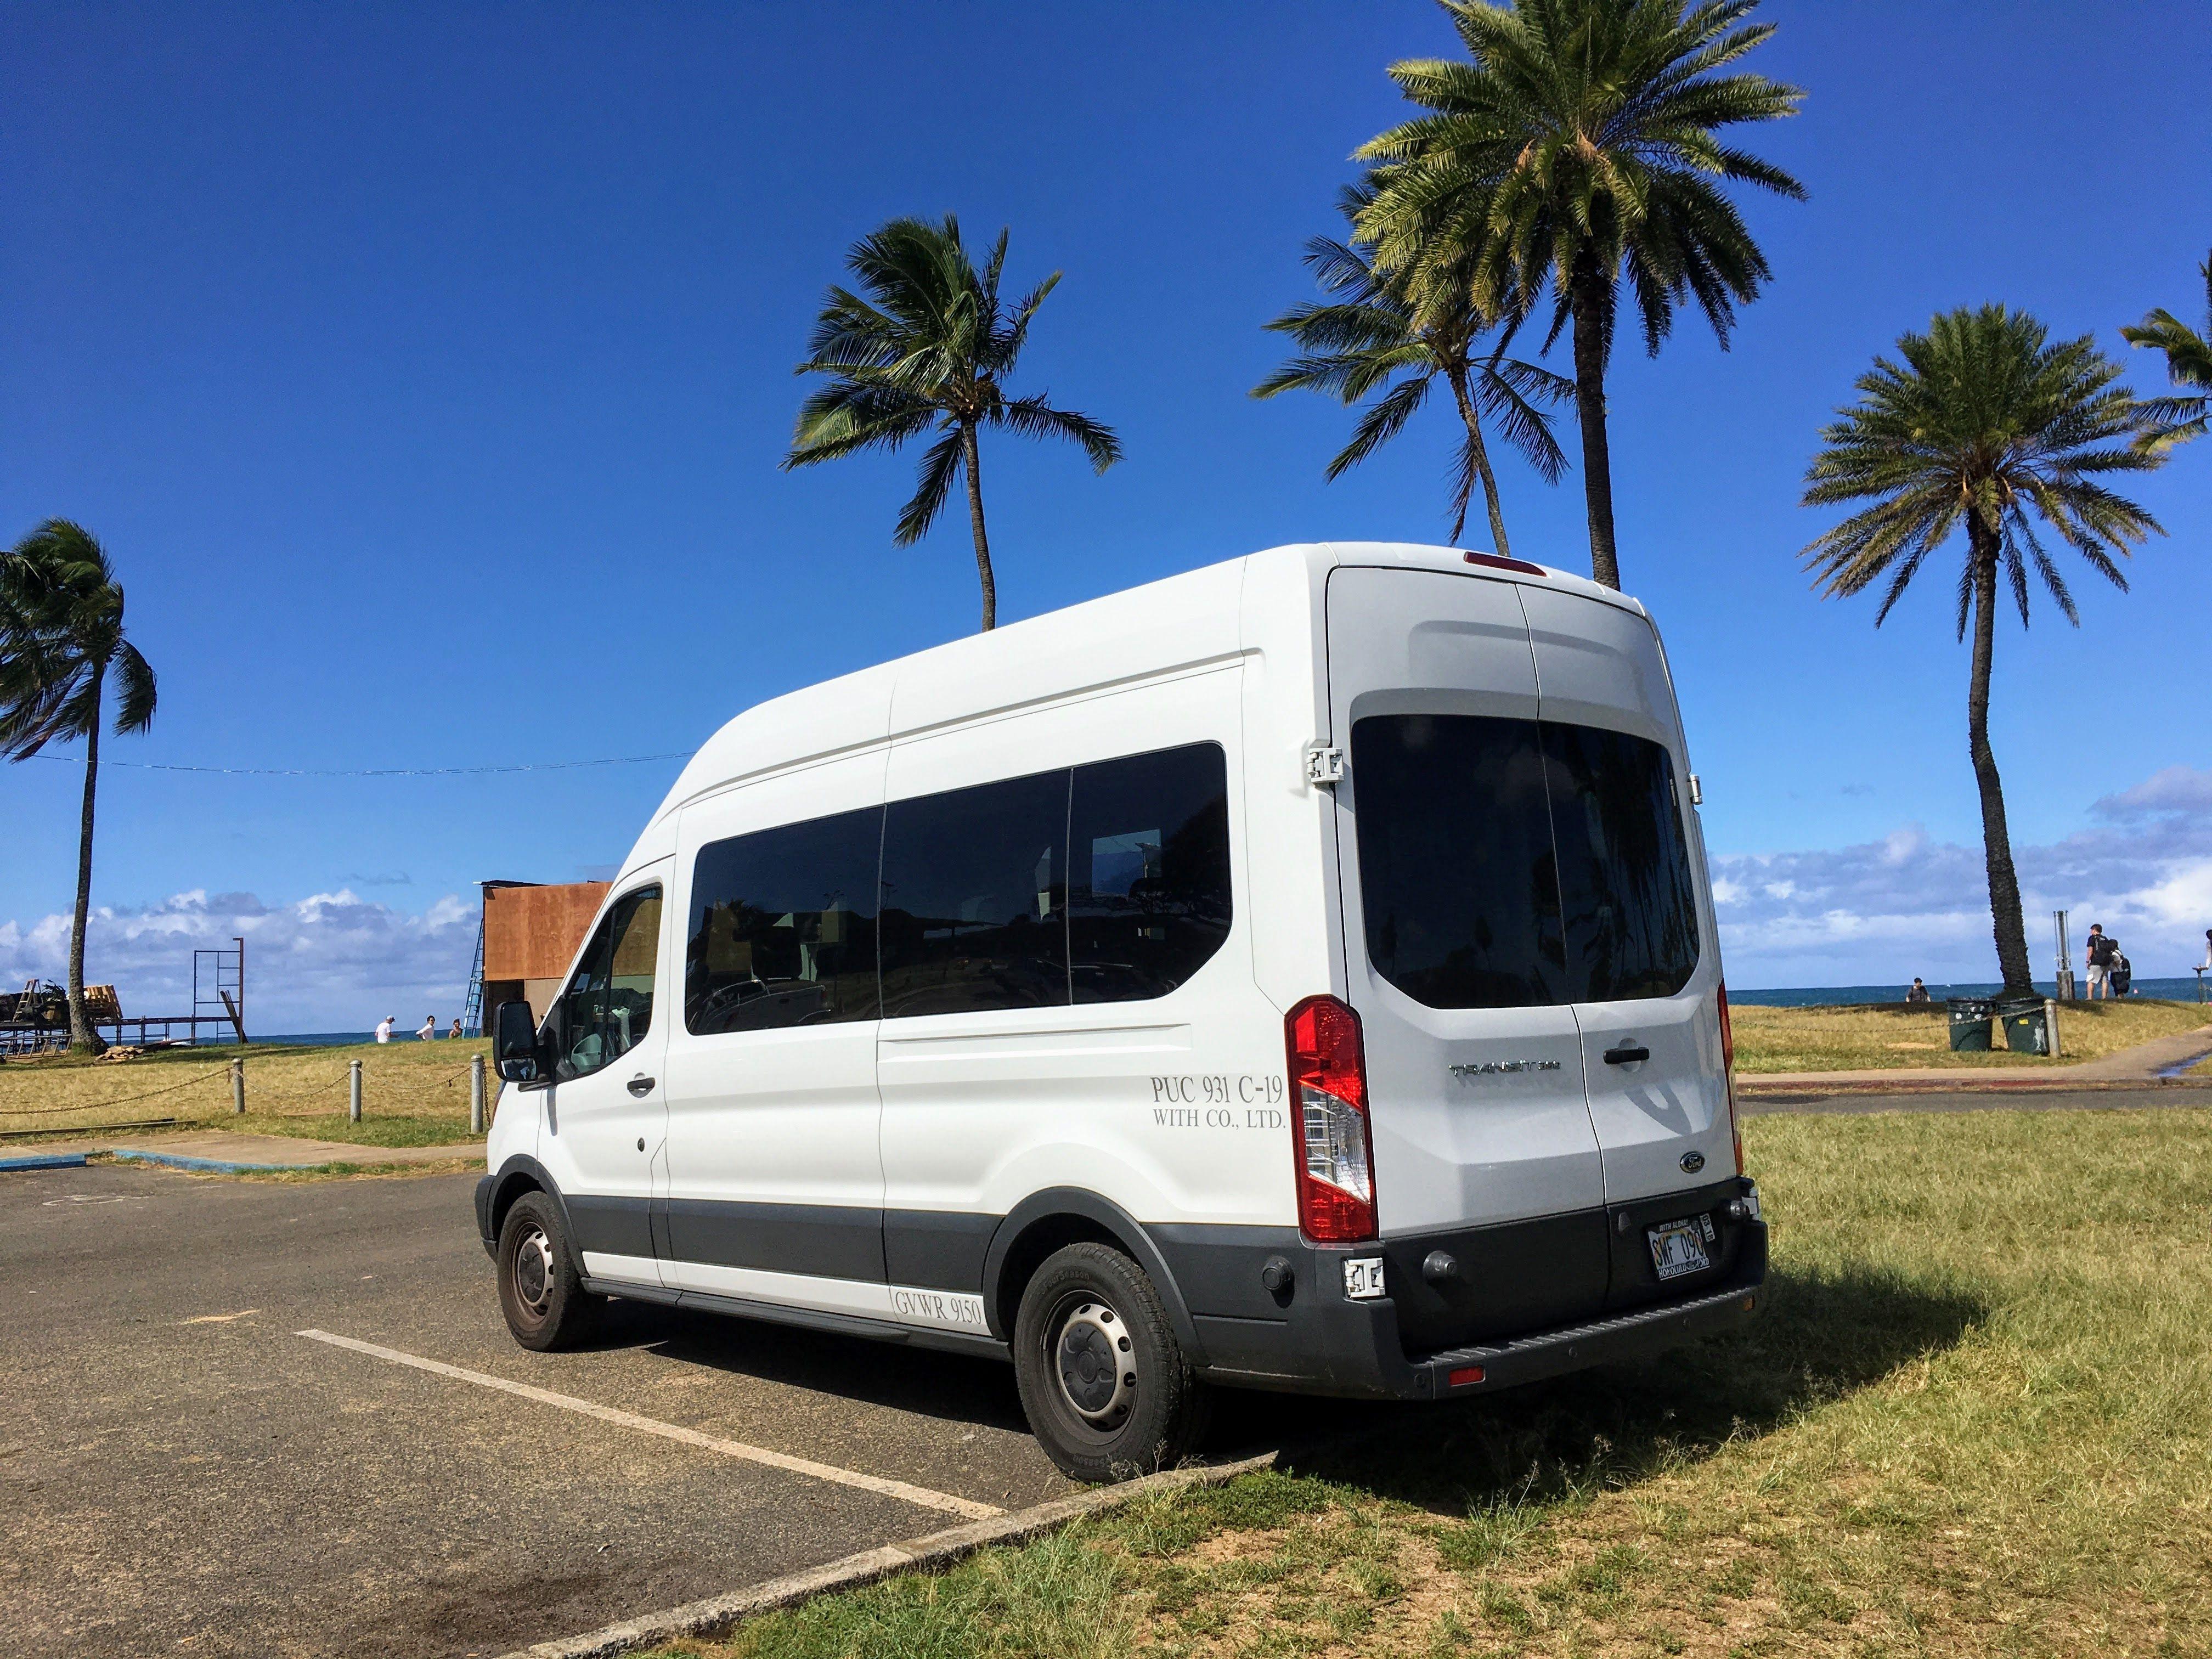 ハワイでしか食べられないとっても甘い「ハニークリームパイナッツプル」や珍しい果物があるフランキーズフルーツナーサリーに立ち寄ります